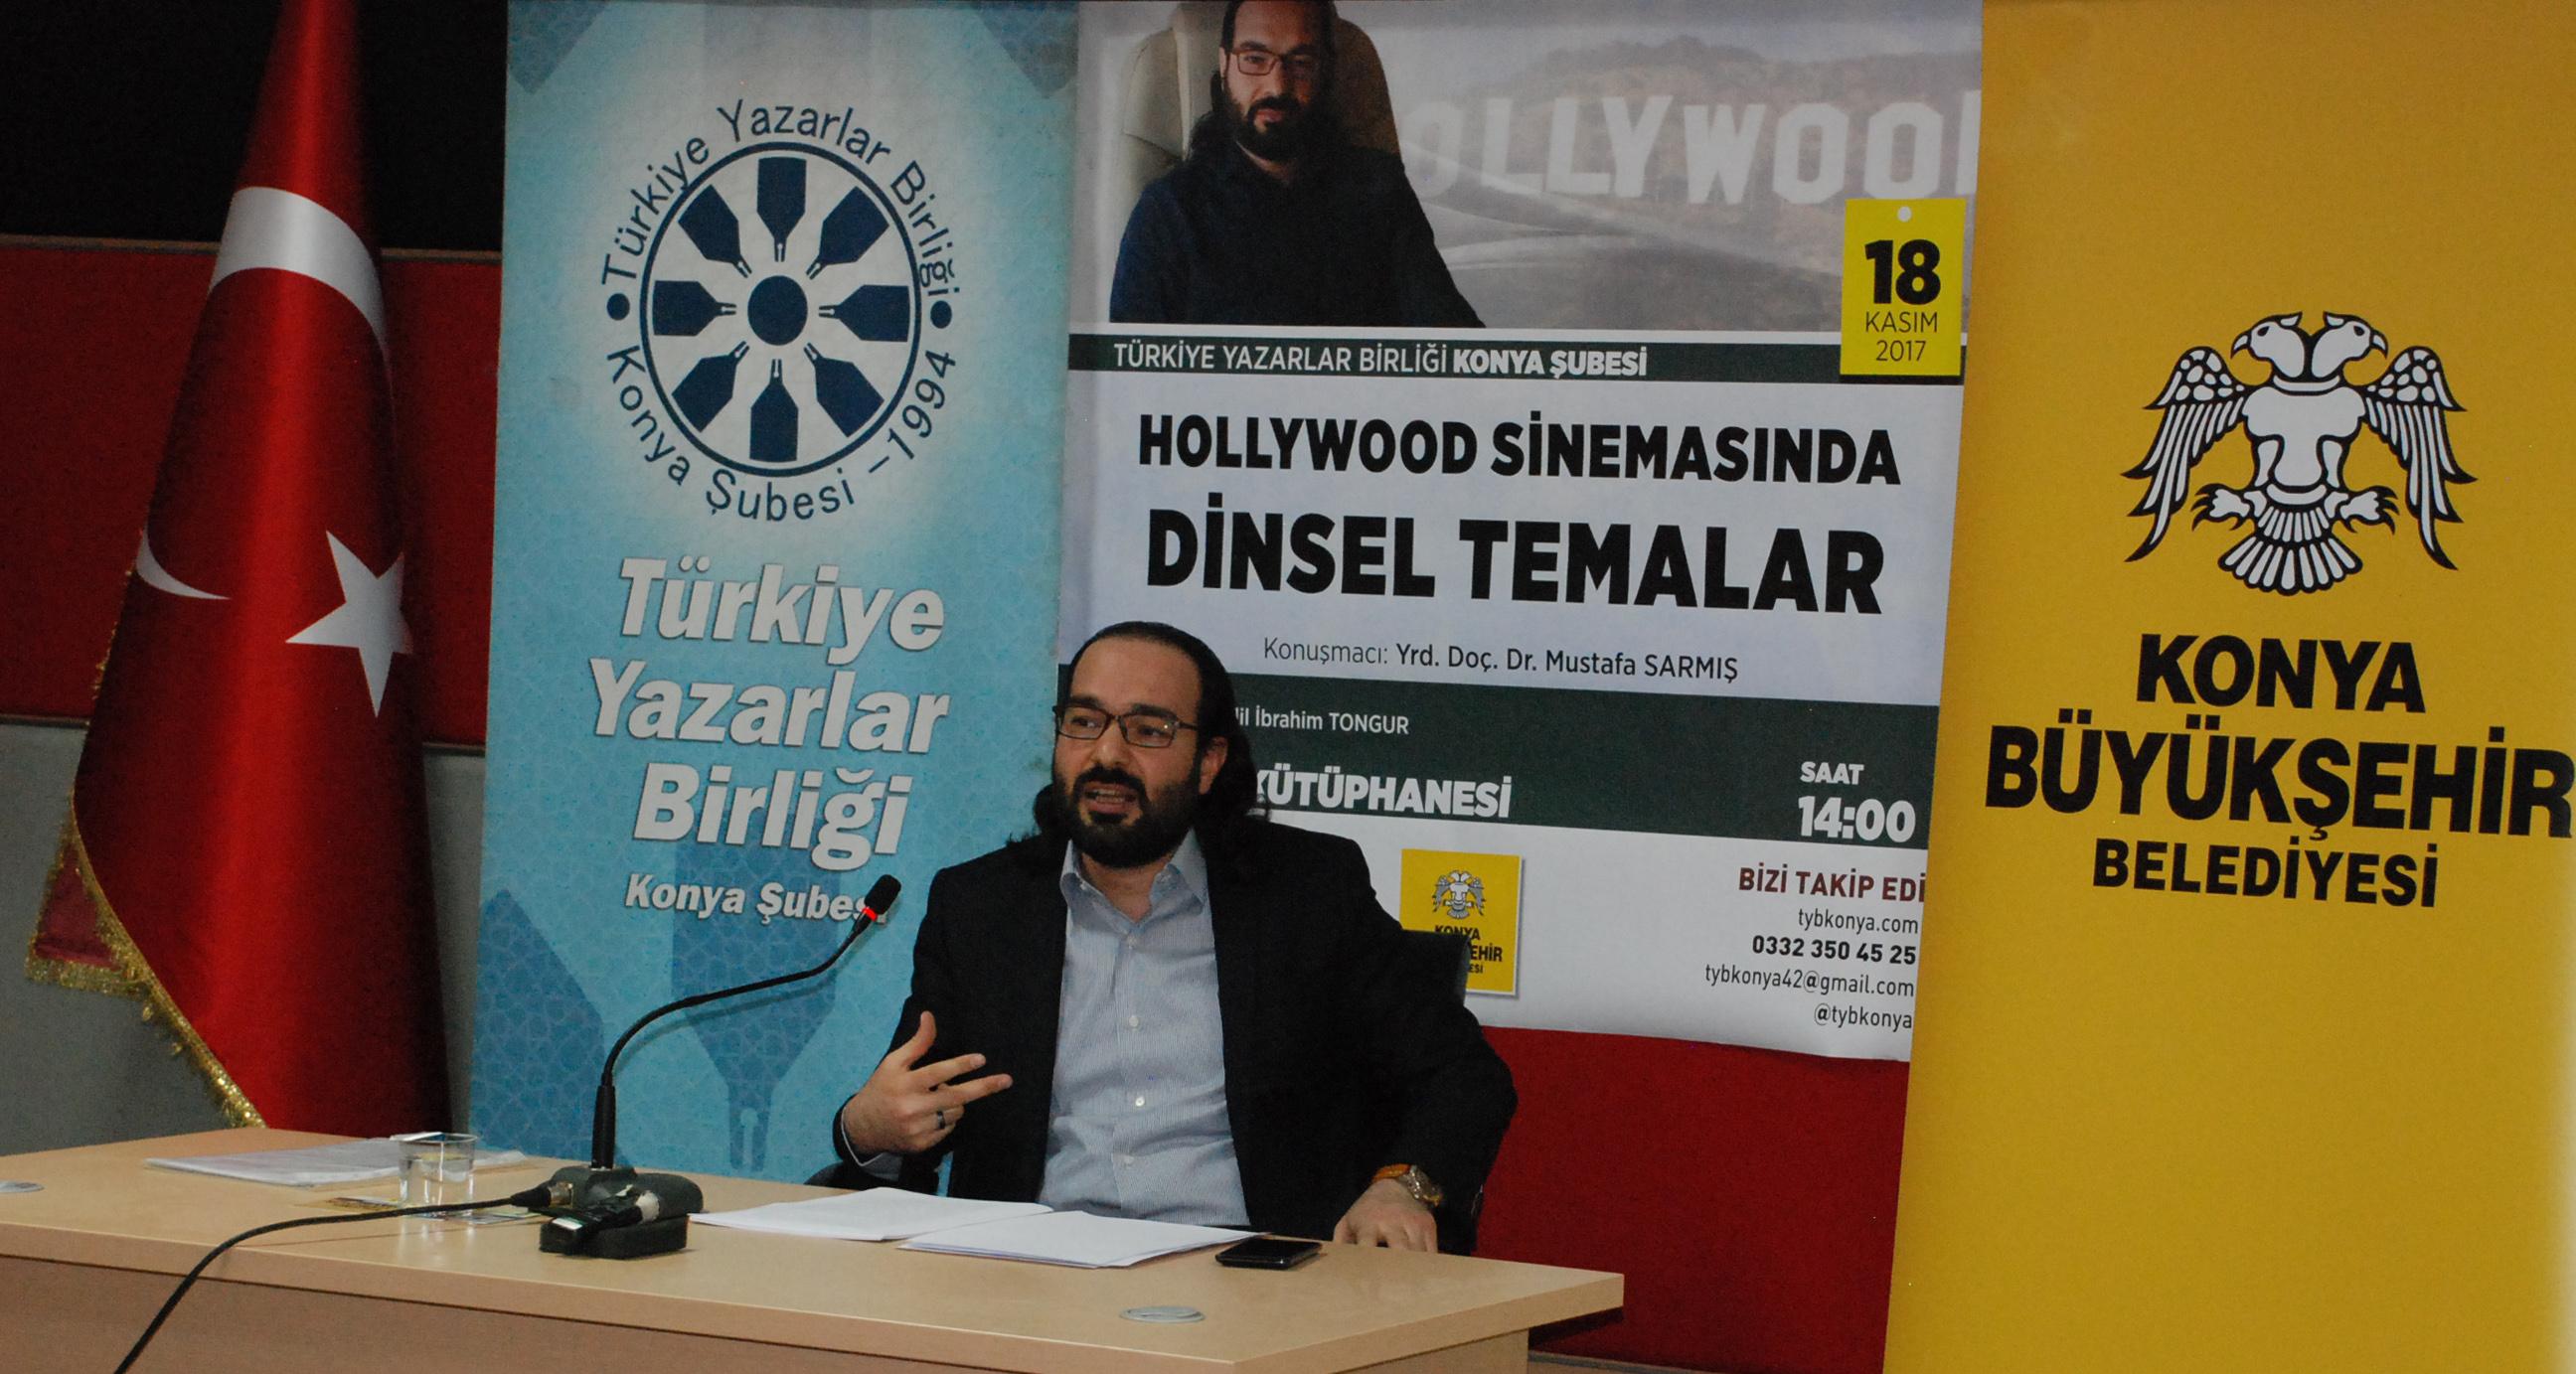 """Konya Şubesi'inde """"Hollywood Sinemasında Dinsel Temalar"""" Konuşuldu"""